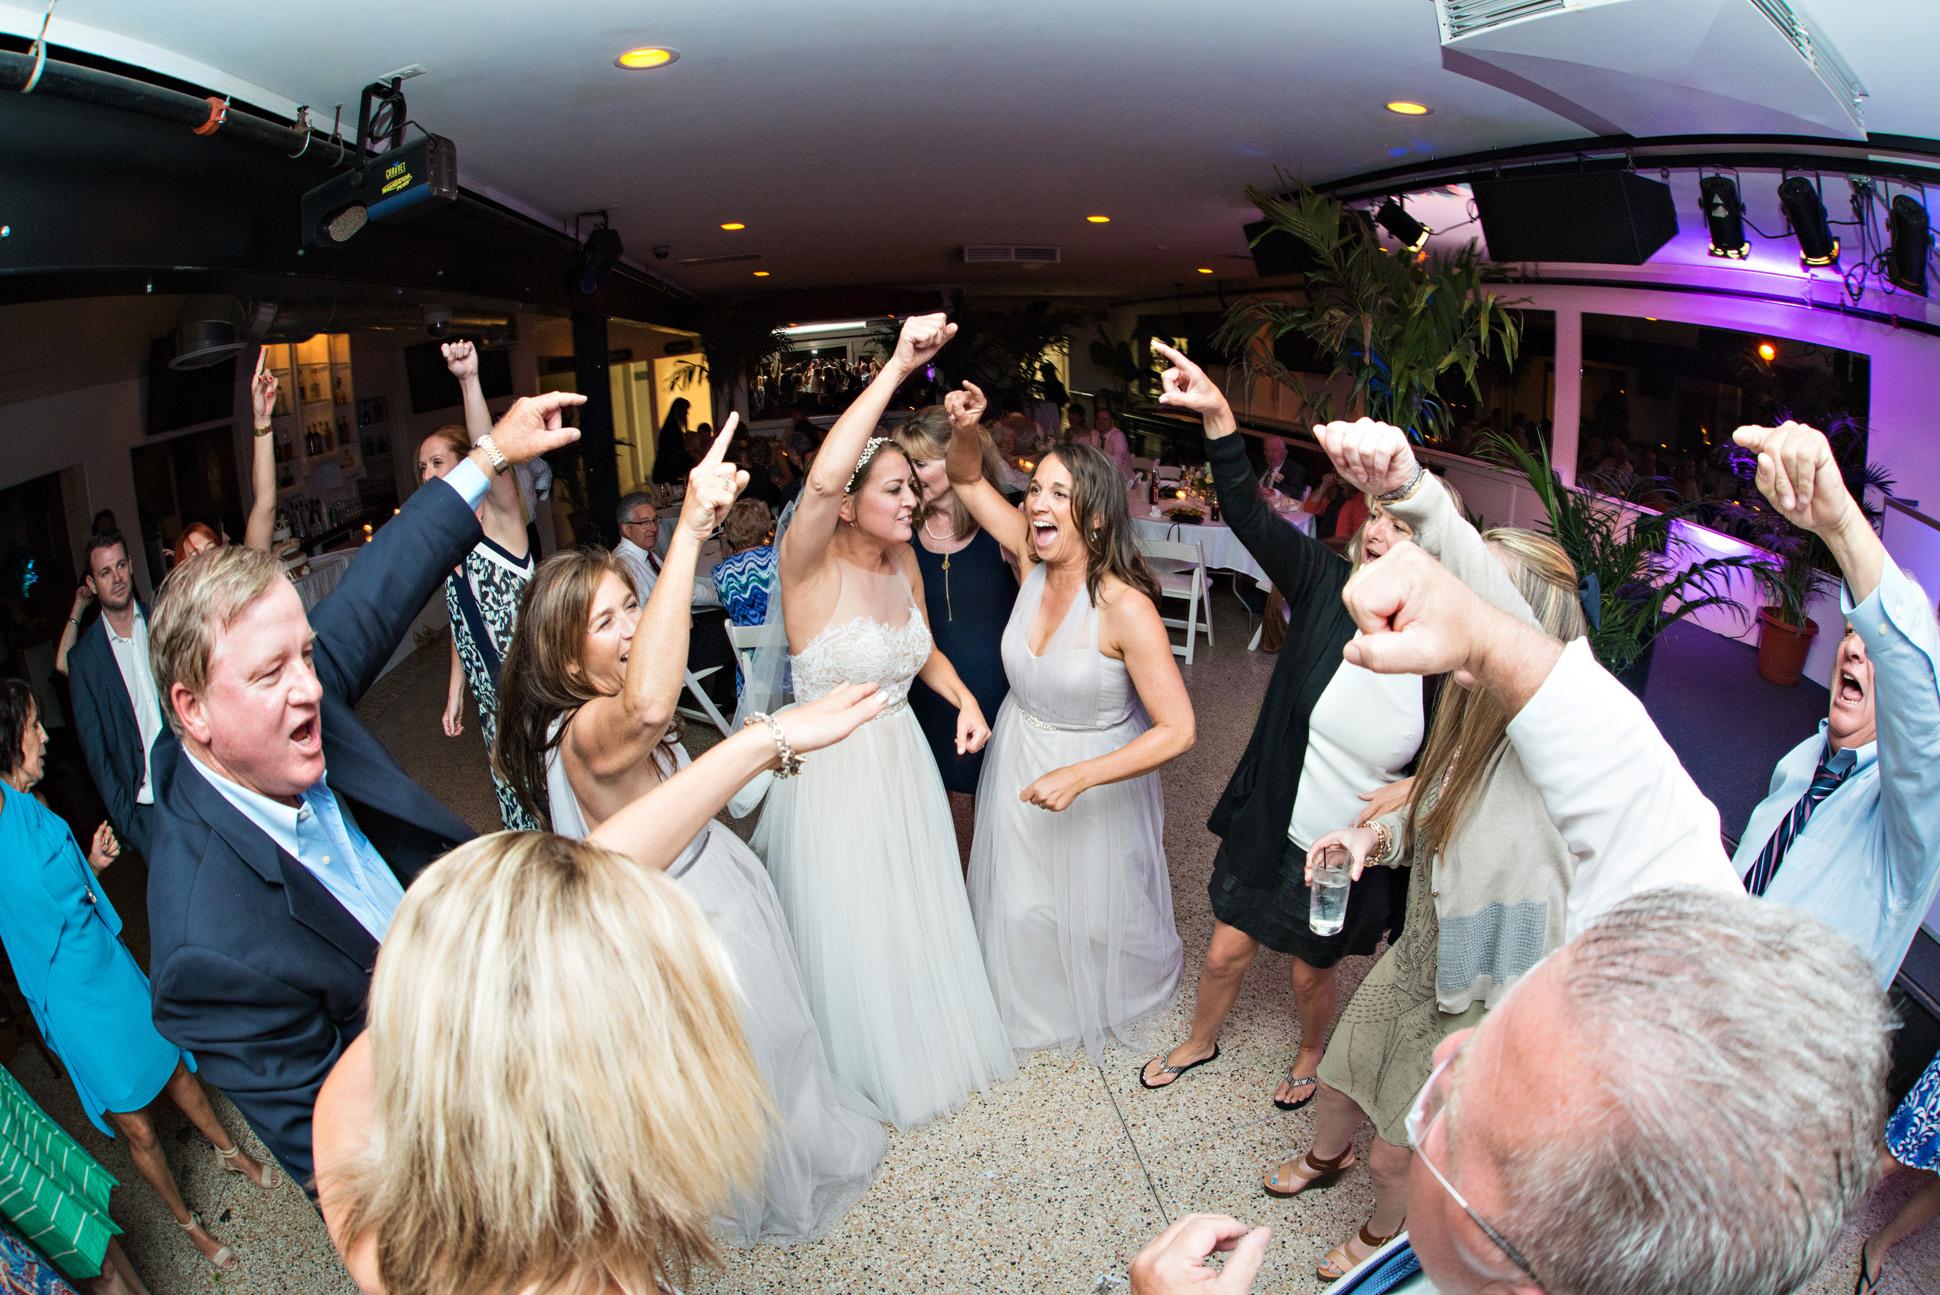 49-Sara Stadtmiller-SRS-Photography-Asbury-Park-Wedding-Photographer-Monmouth-County-Wedding-Photographer-NJ-Wedding-Photographer-Avon-by-the-Sea-Wedding-The-Columns-Wedding